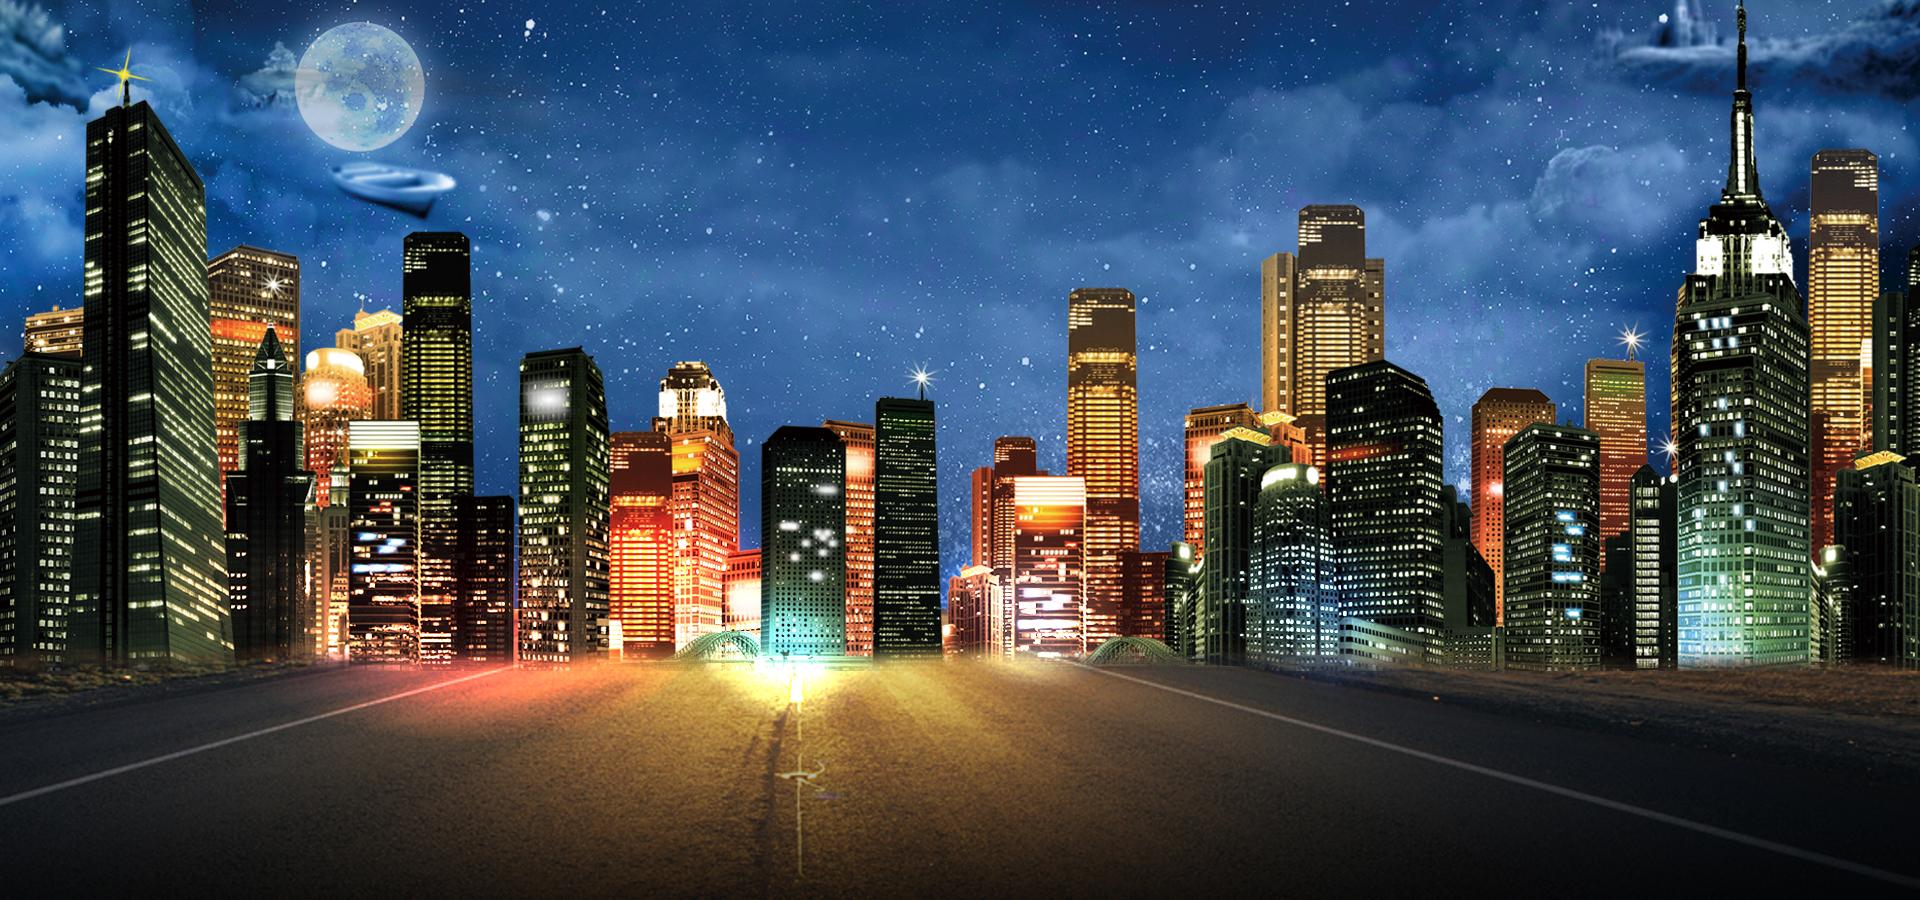 Fondos De Pantalla Ciudad: Banner Background City Night 1920x900, Graphic, Elements